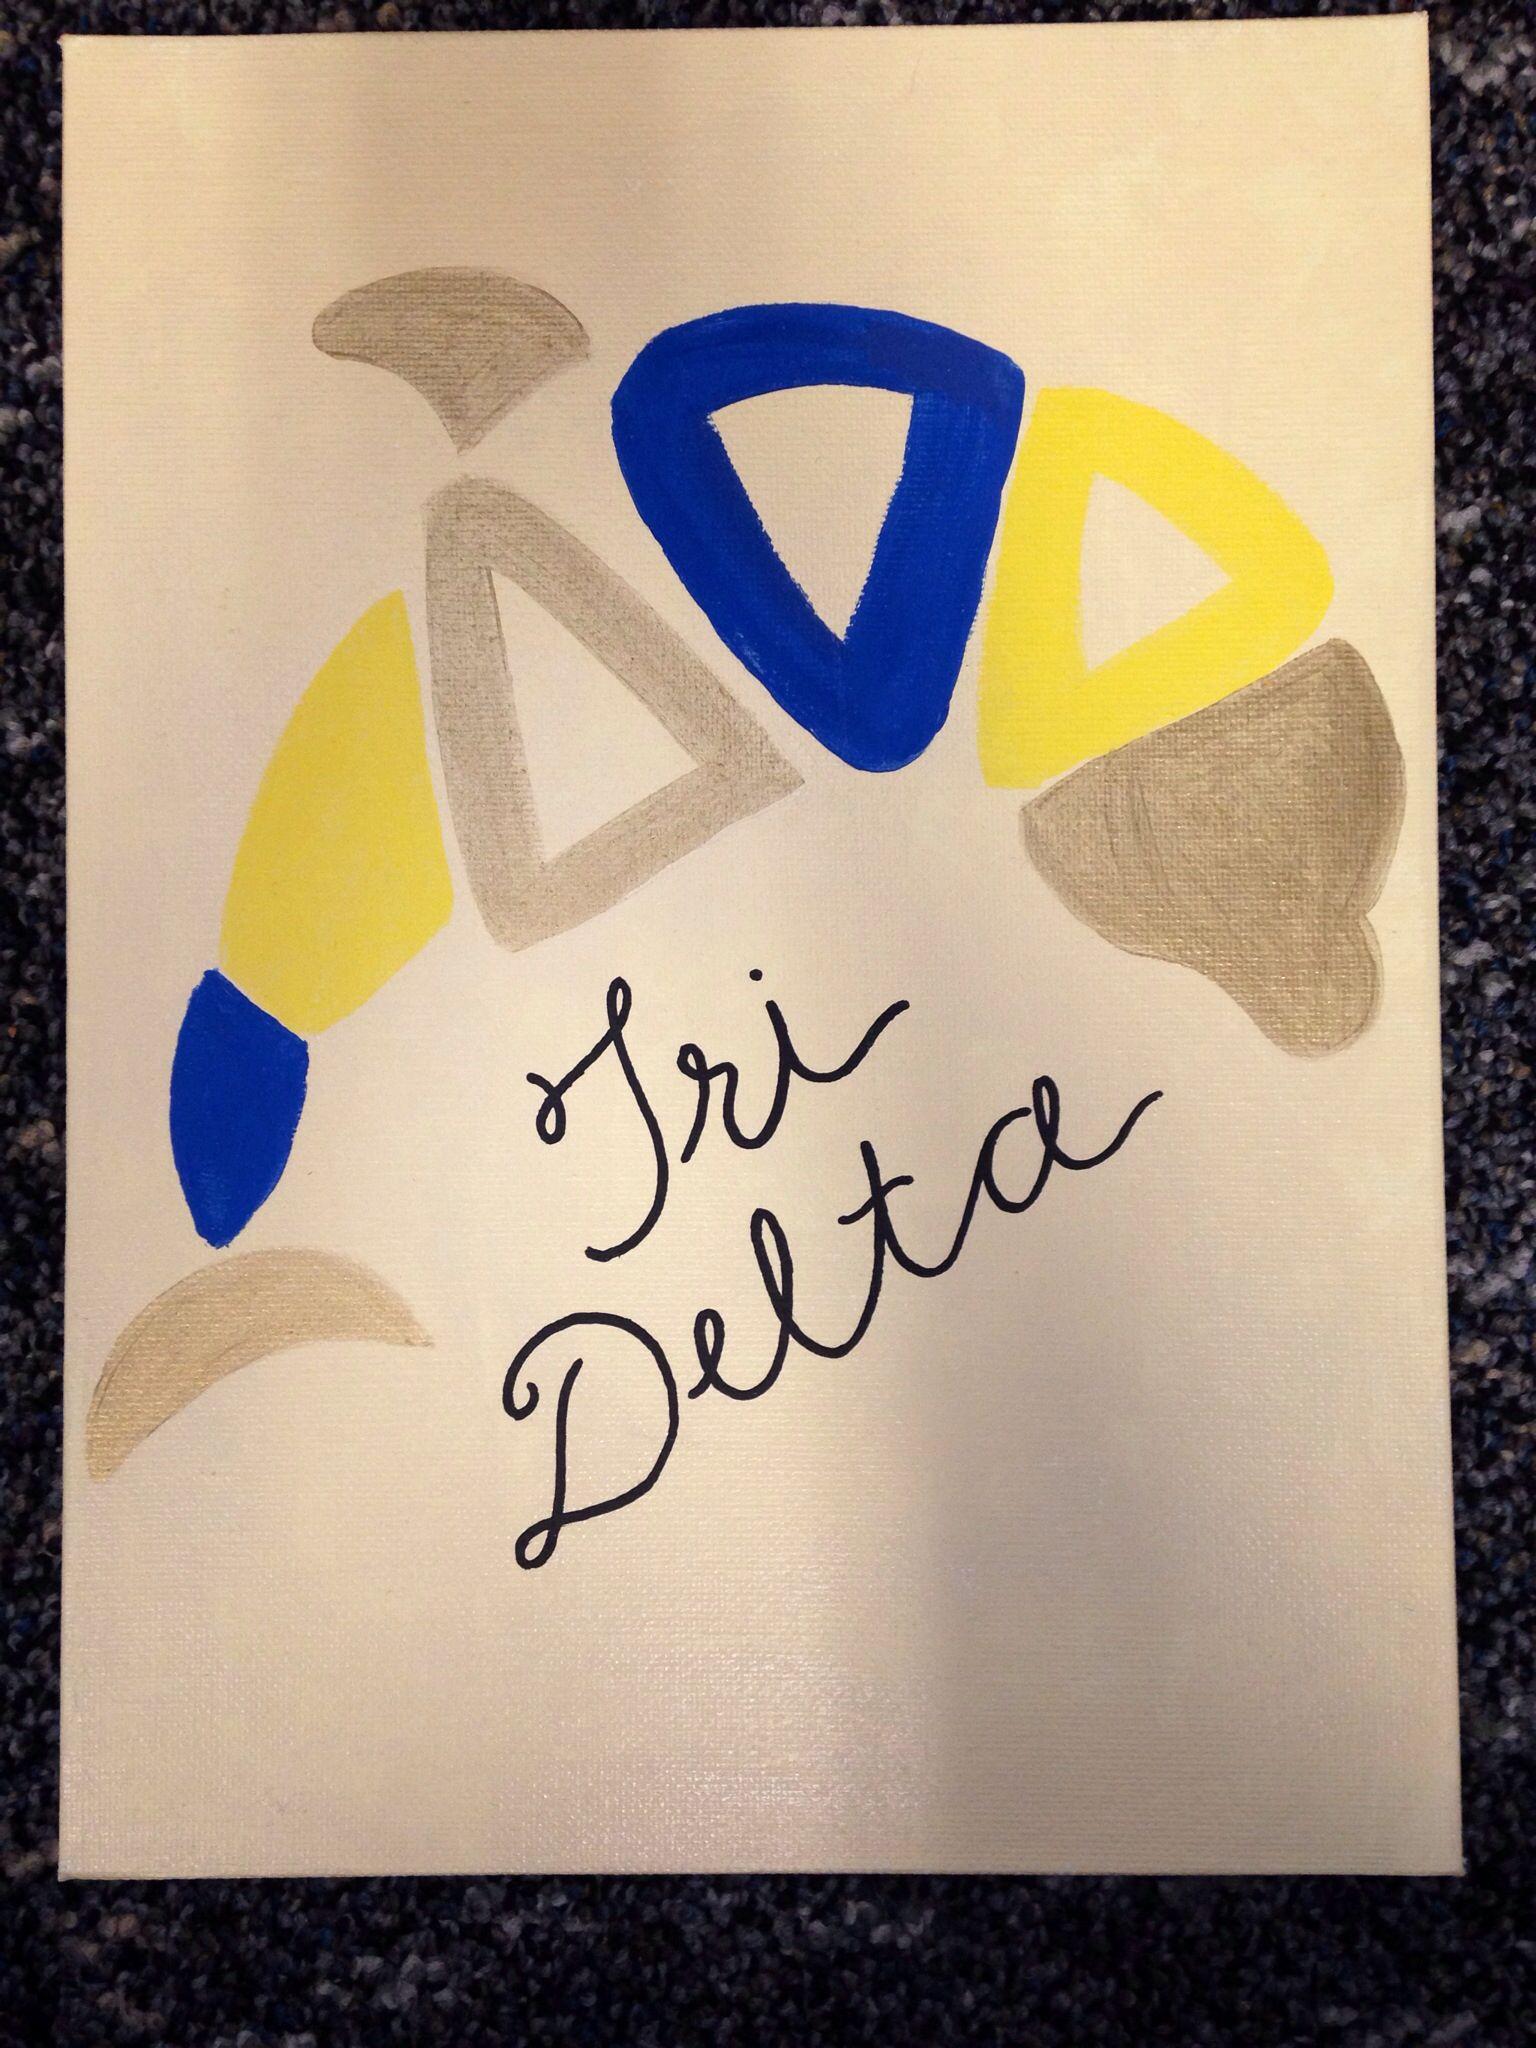 Tridelta dolphin #tridelta #sorority #crafts #deltadeltadelta #biglittle @Hayley Sheldon Swinton